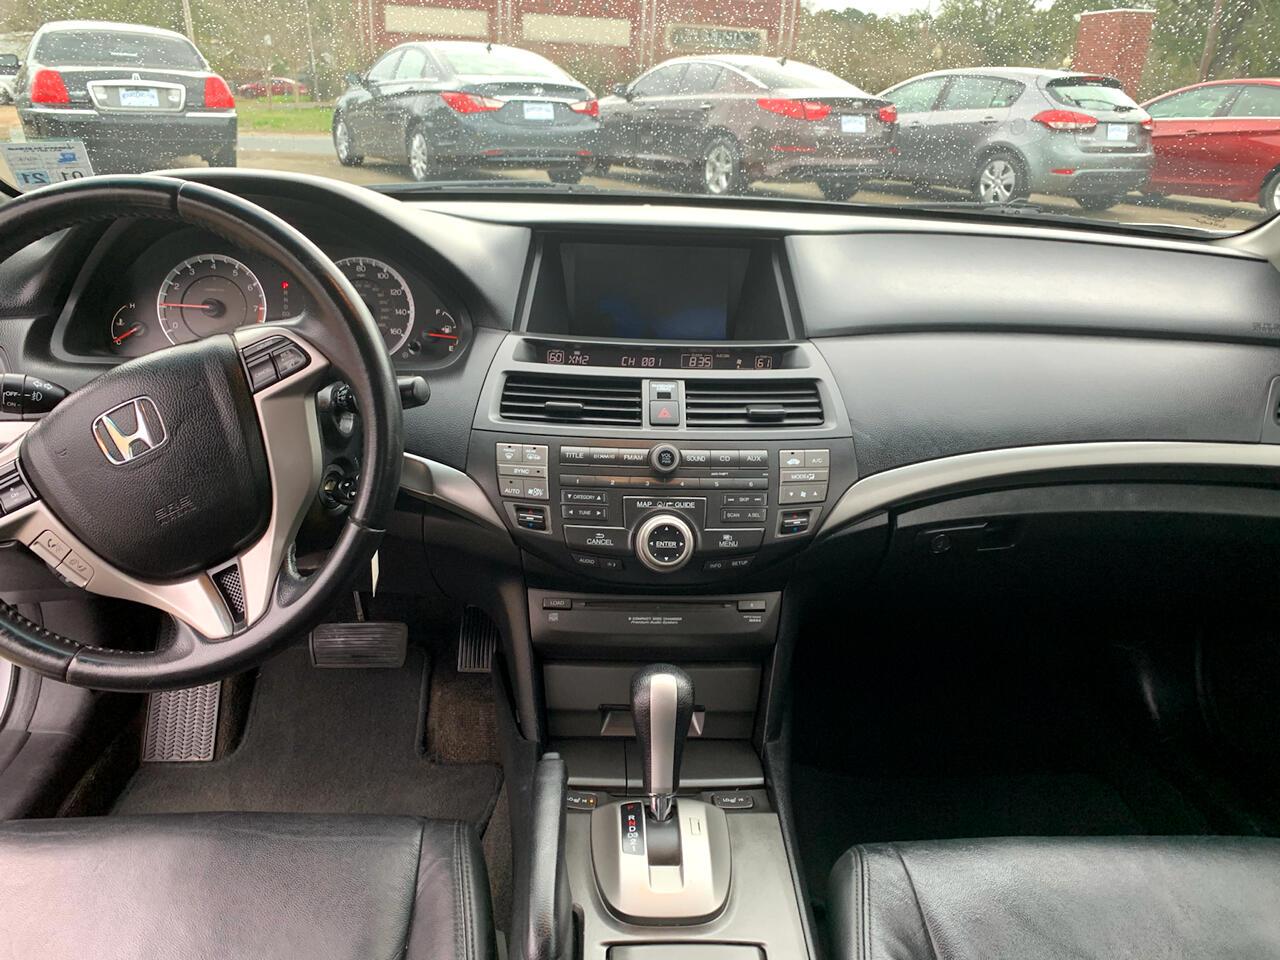 2010 Honda Accord EX-L V-6 Coupe AT